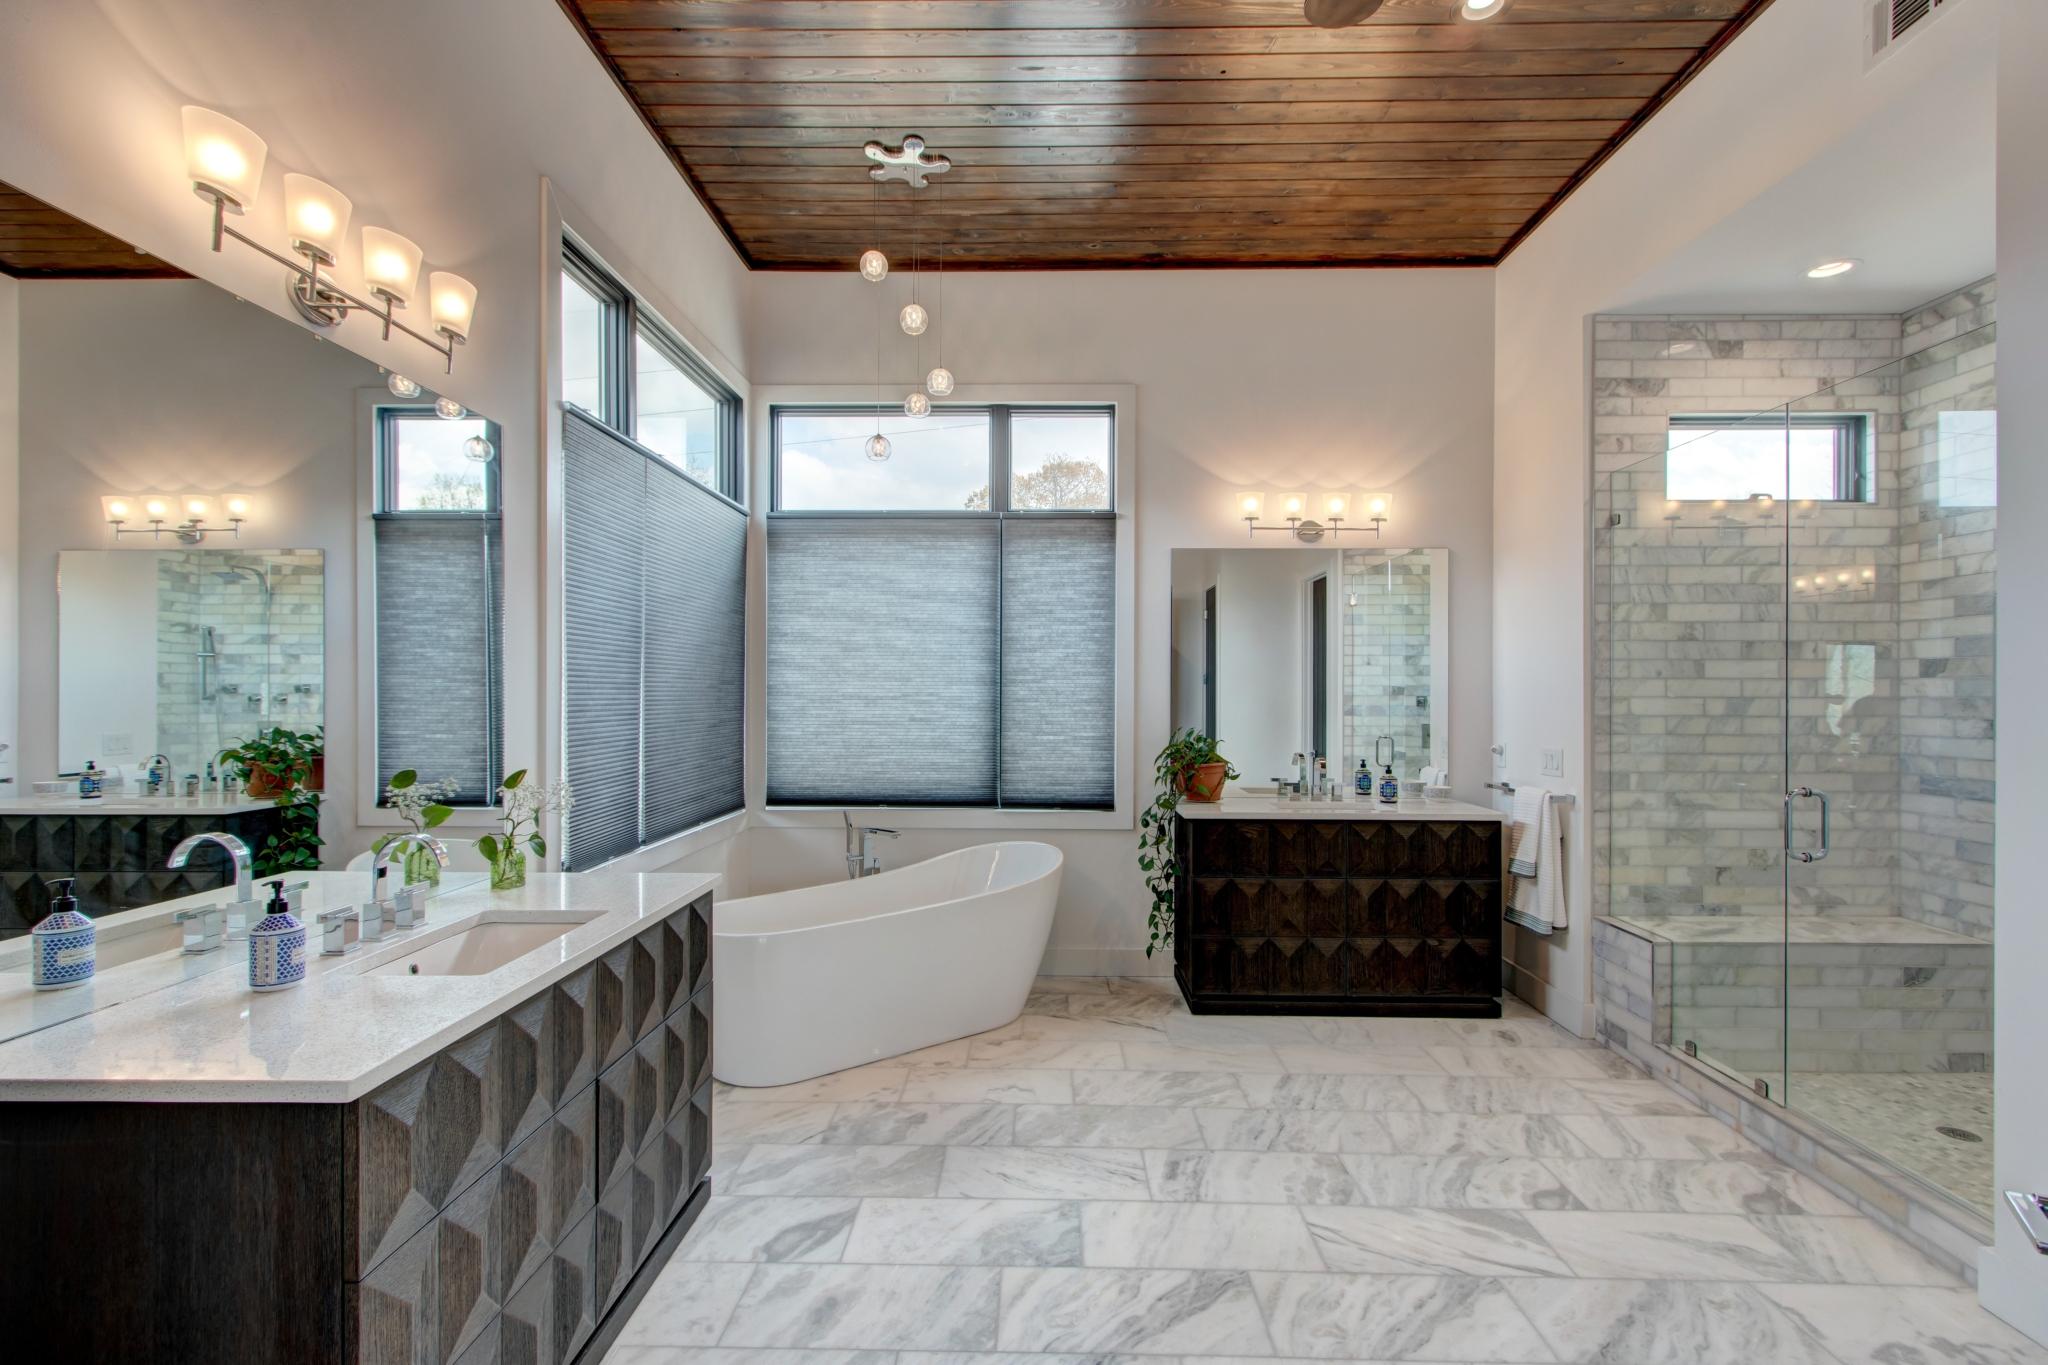 6-Flowery-Branch-6539-Bermuda-Lane-bathroom-scaled.jpg